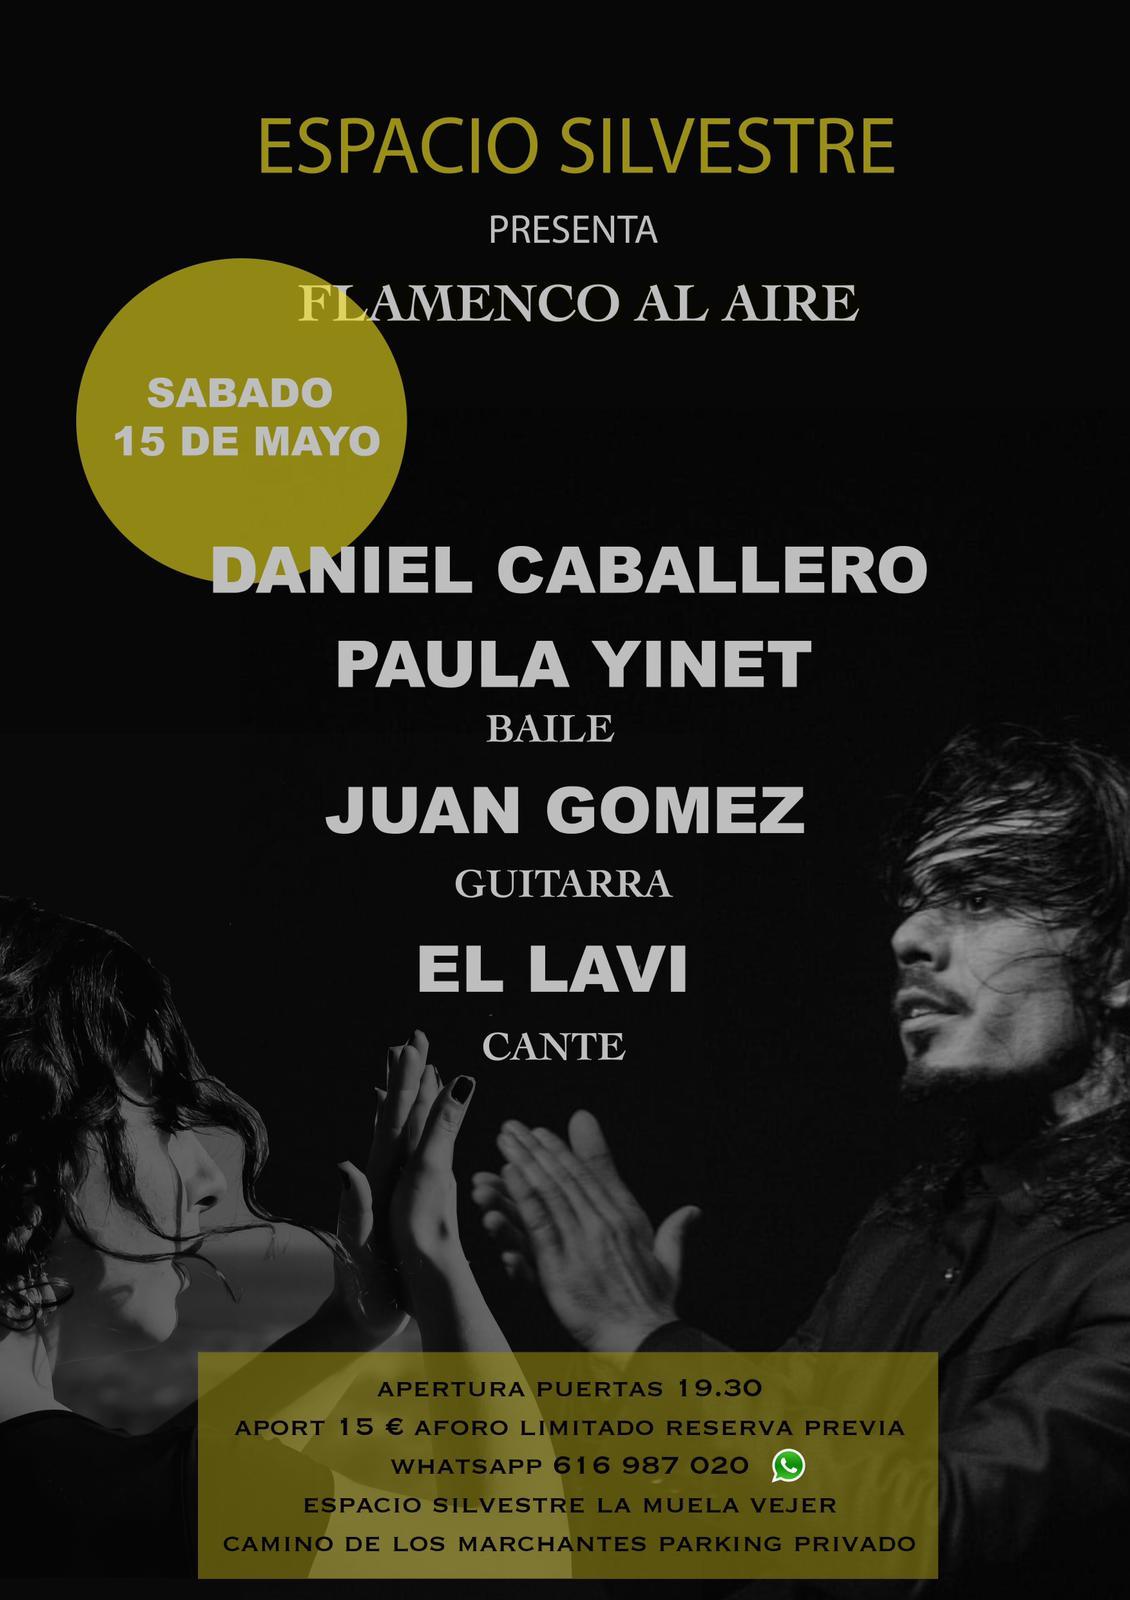 Flamenco al Aire en Espacio Silvestre - La Muela